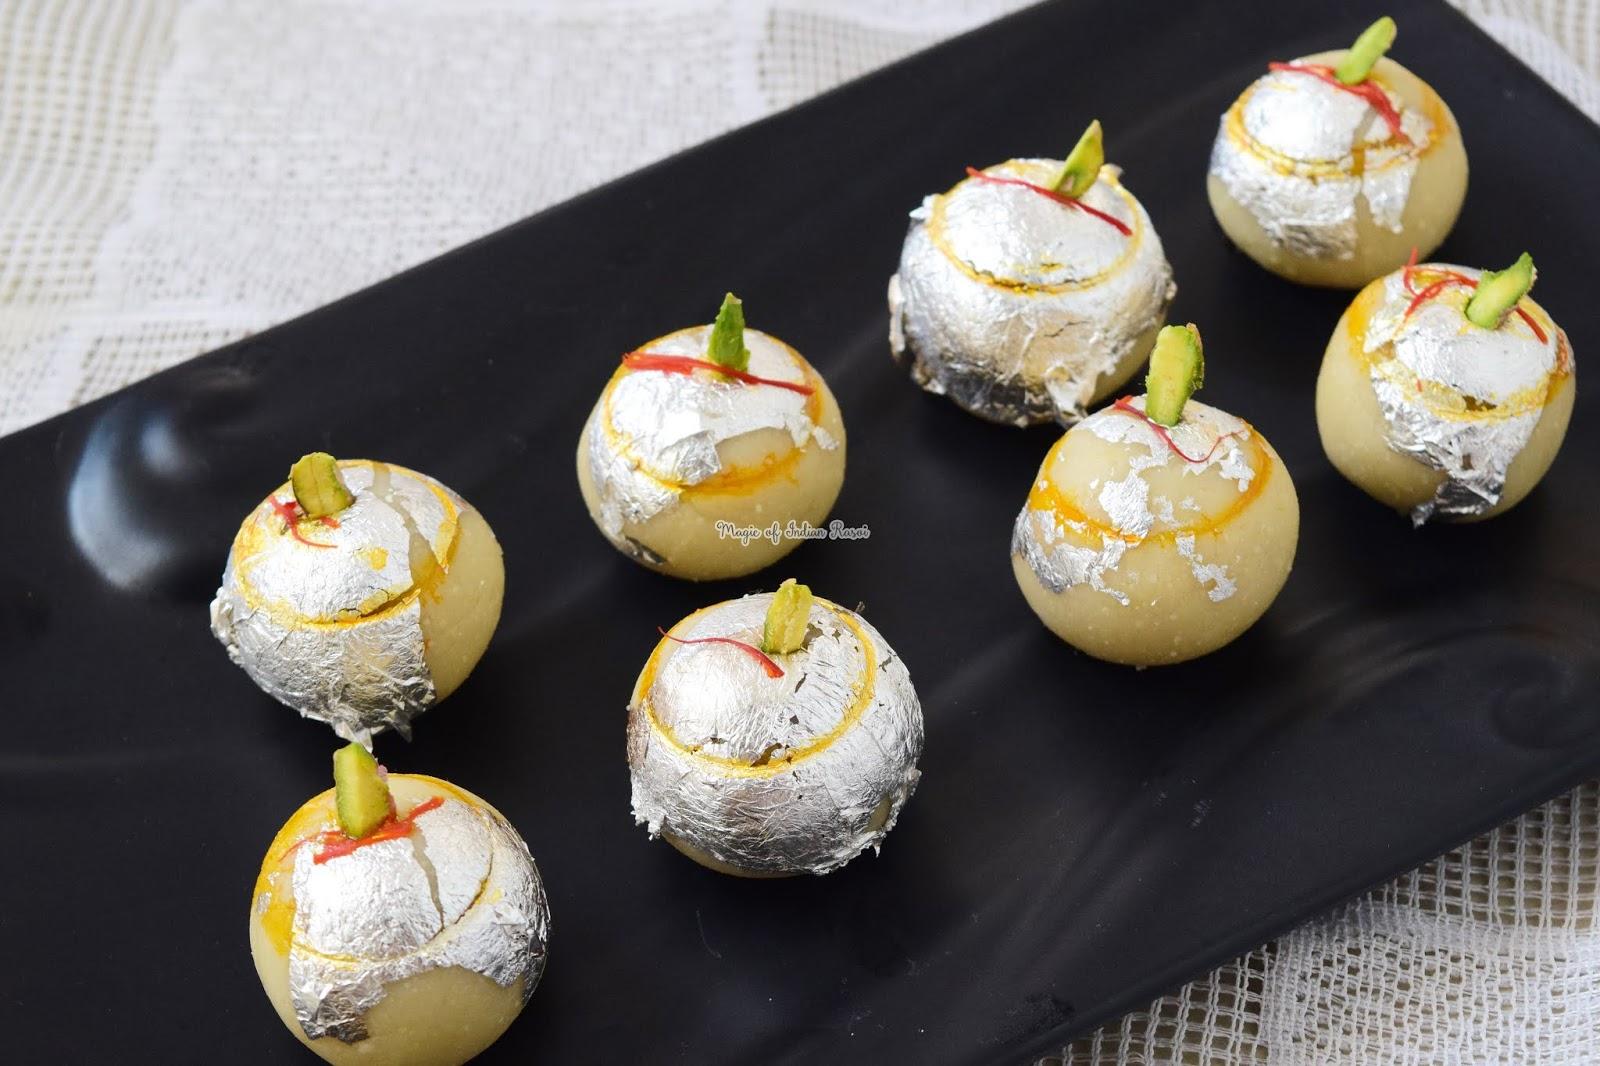 Kaju Paan Bhog Mithai Recipe - हलवाई जैसे काजू पान भोग मिठाई एक बार बनायेगे तो बाजार की मिठाई भूल जायेगे  - Priya R - Magic of Indian Rasoi